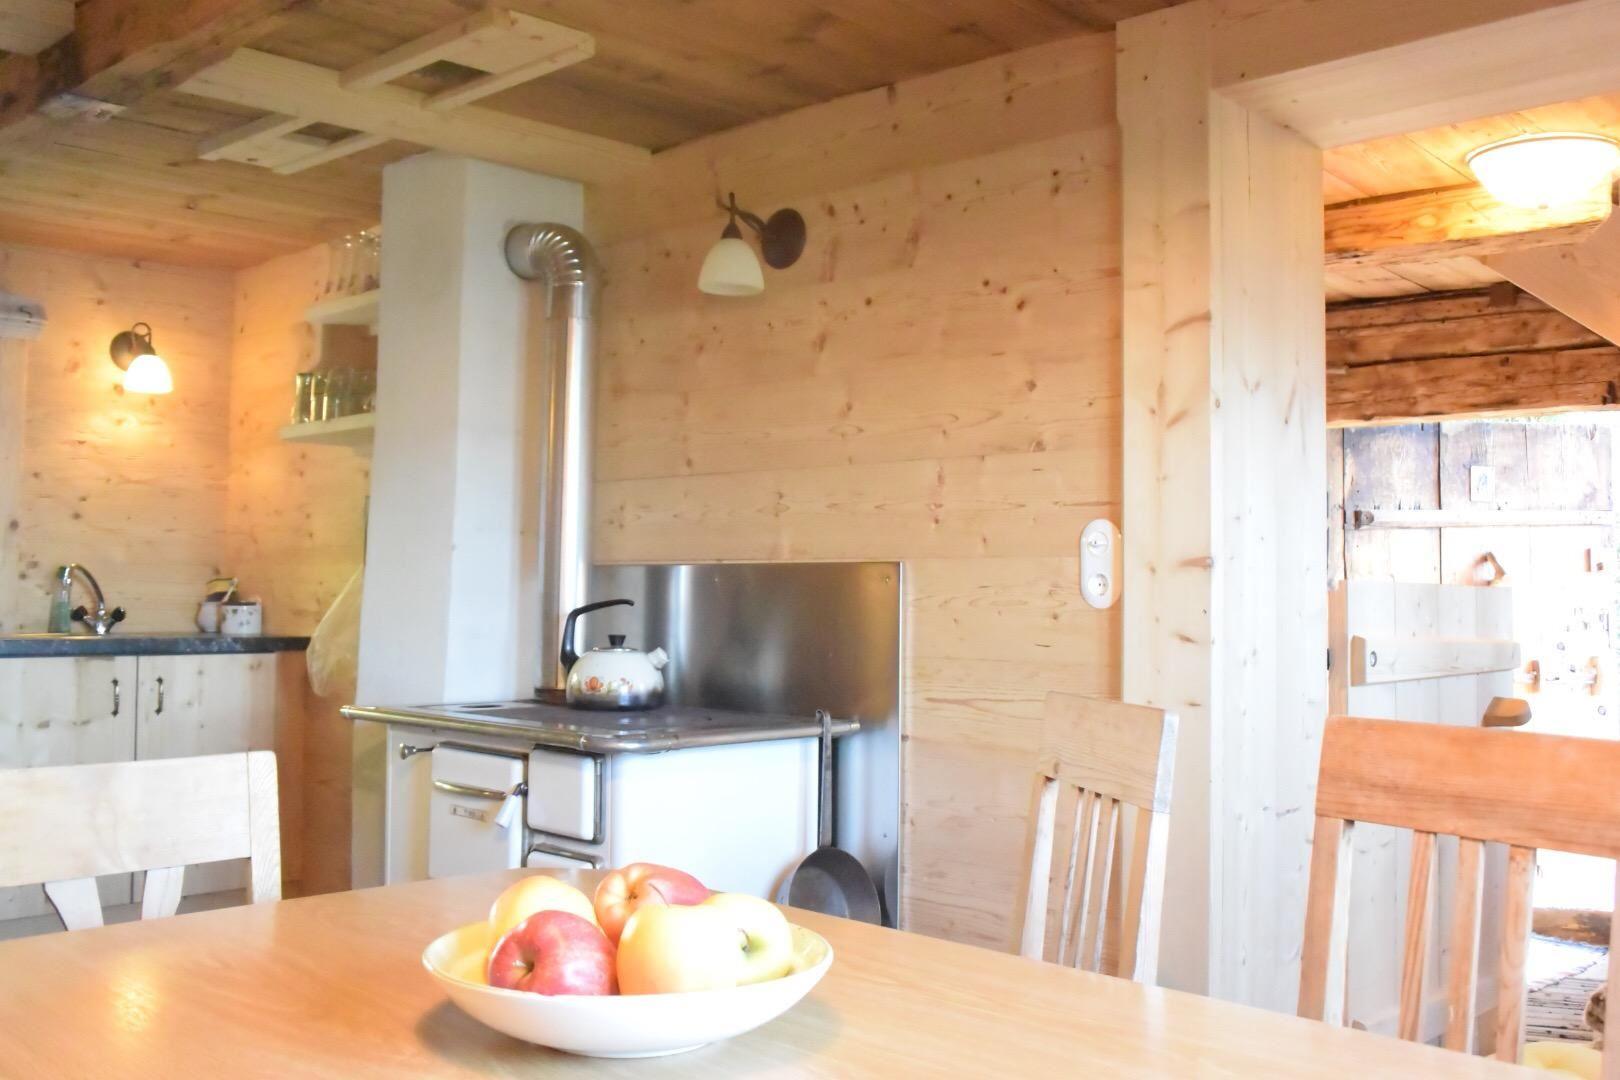 Gemütlich Kleine Hütte Küche Bilder Zeitgenössisch - Küche Set Ideen ...